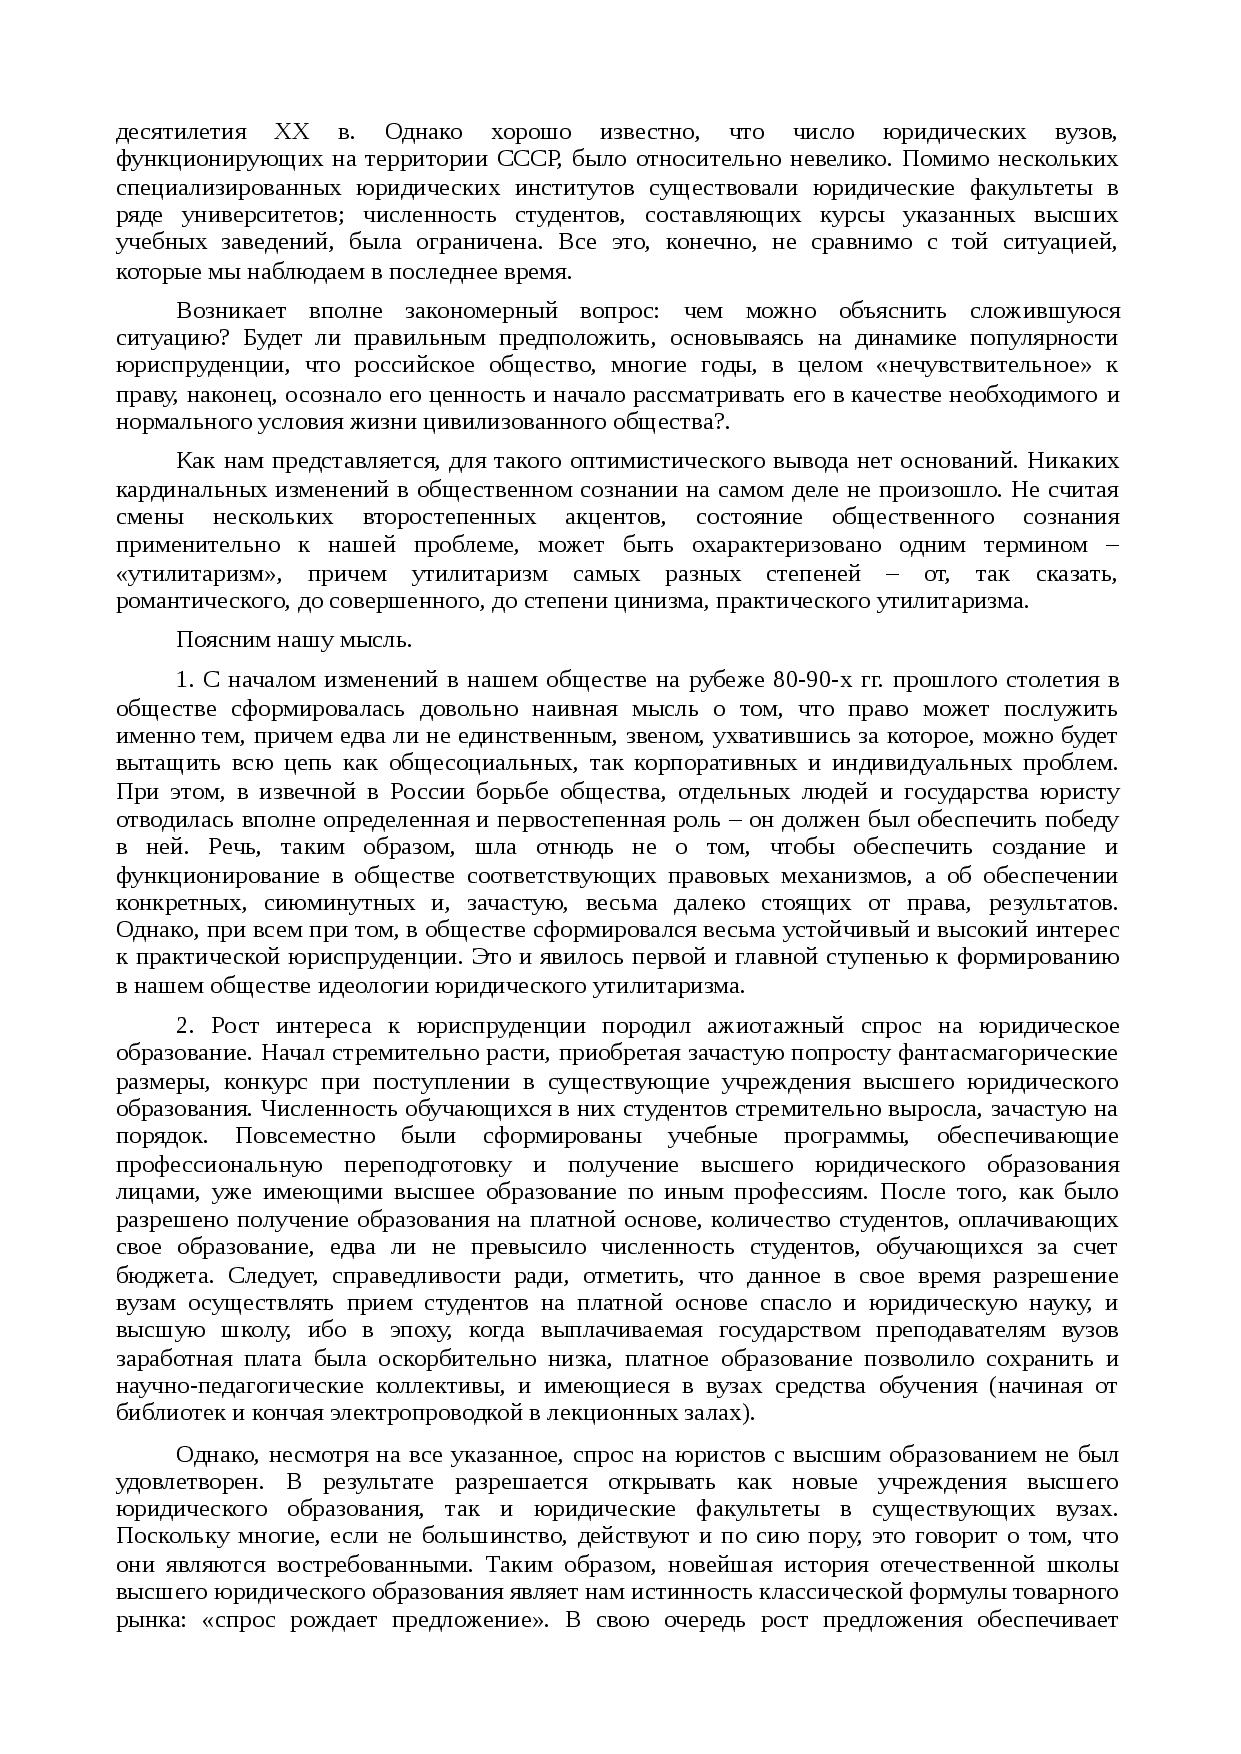 Юриспруденция как наука